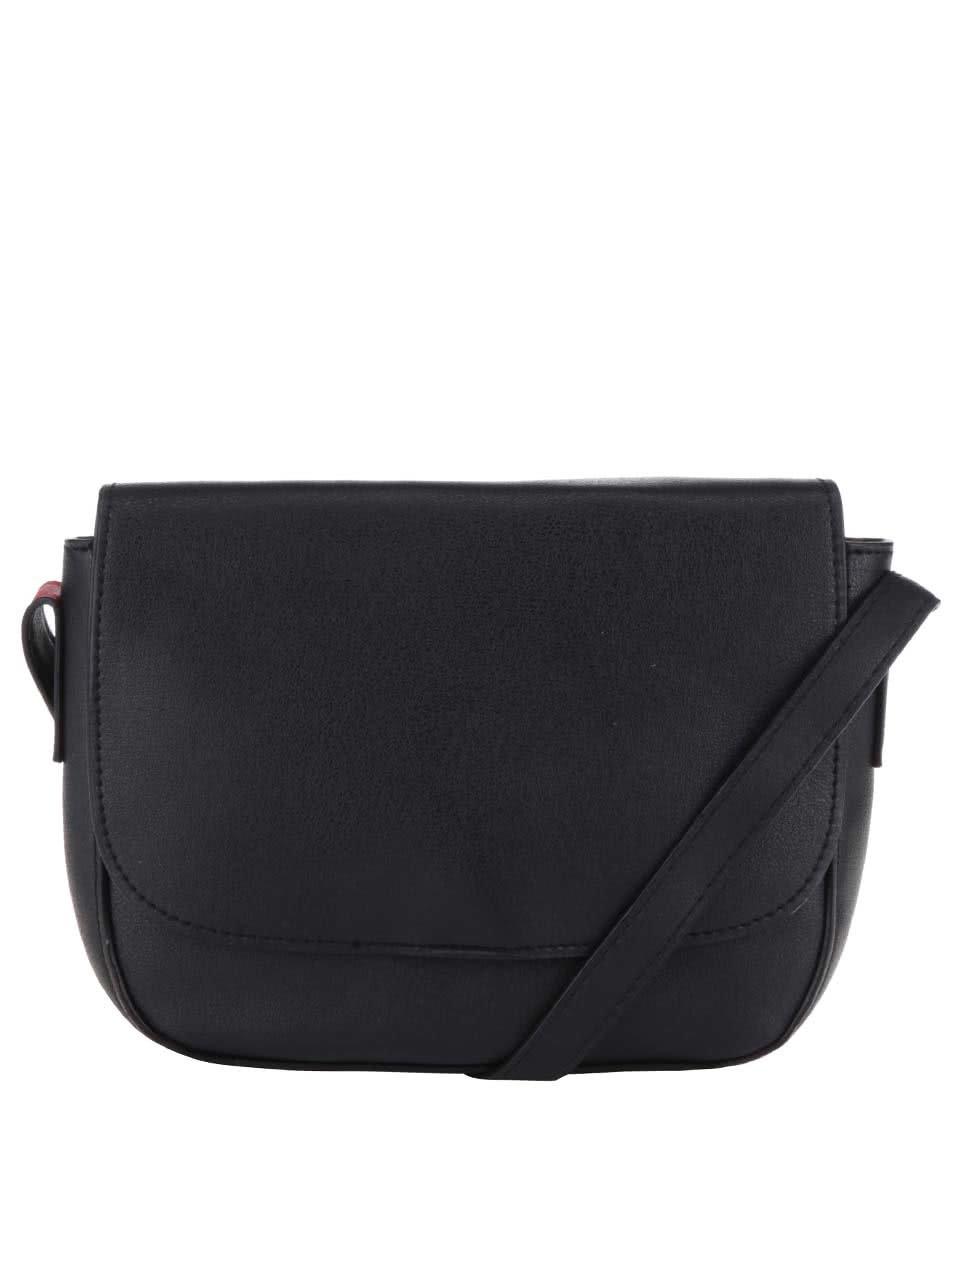 Čierna menšia crossbody kabelka Pieces Deena ... 28ff5ba3b6c